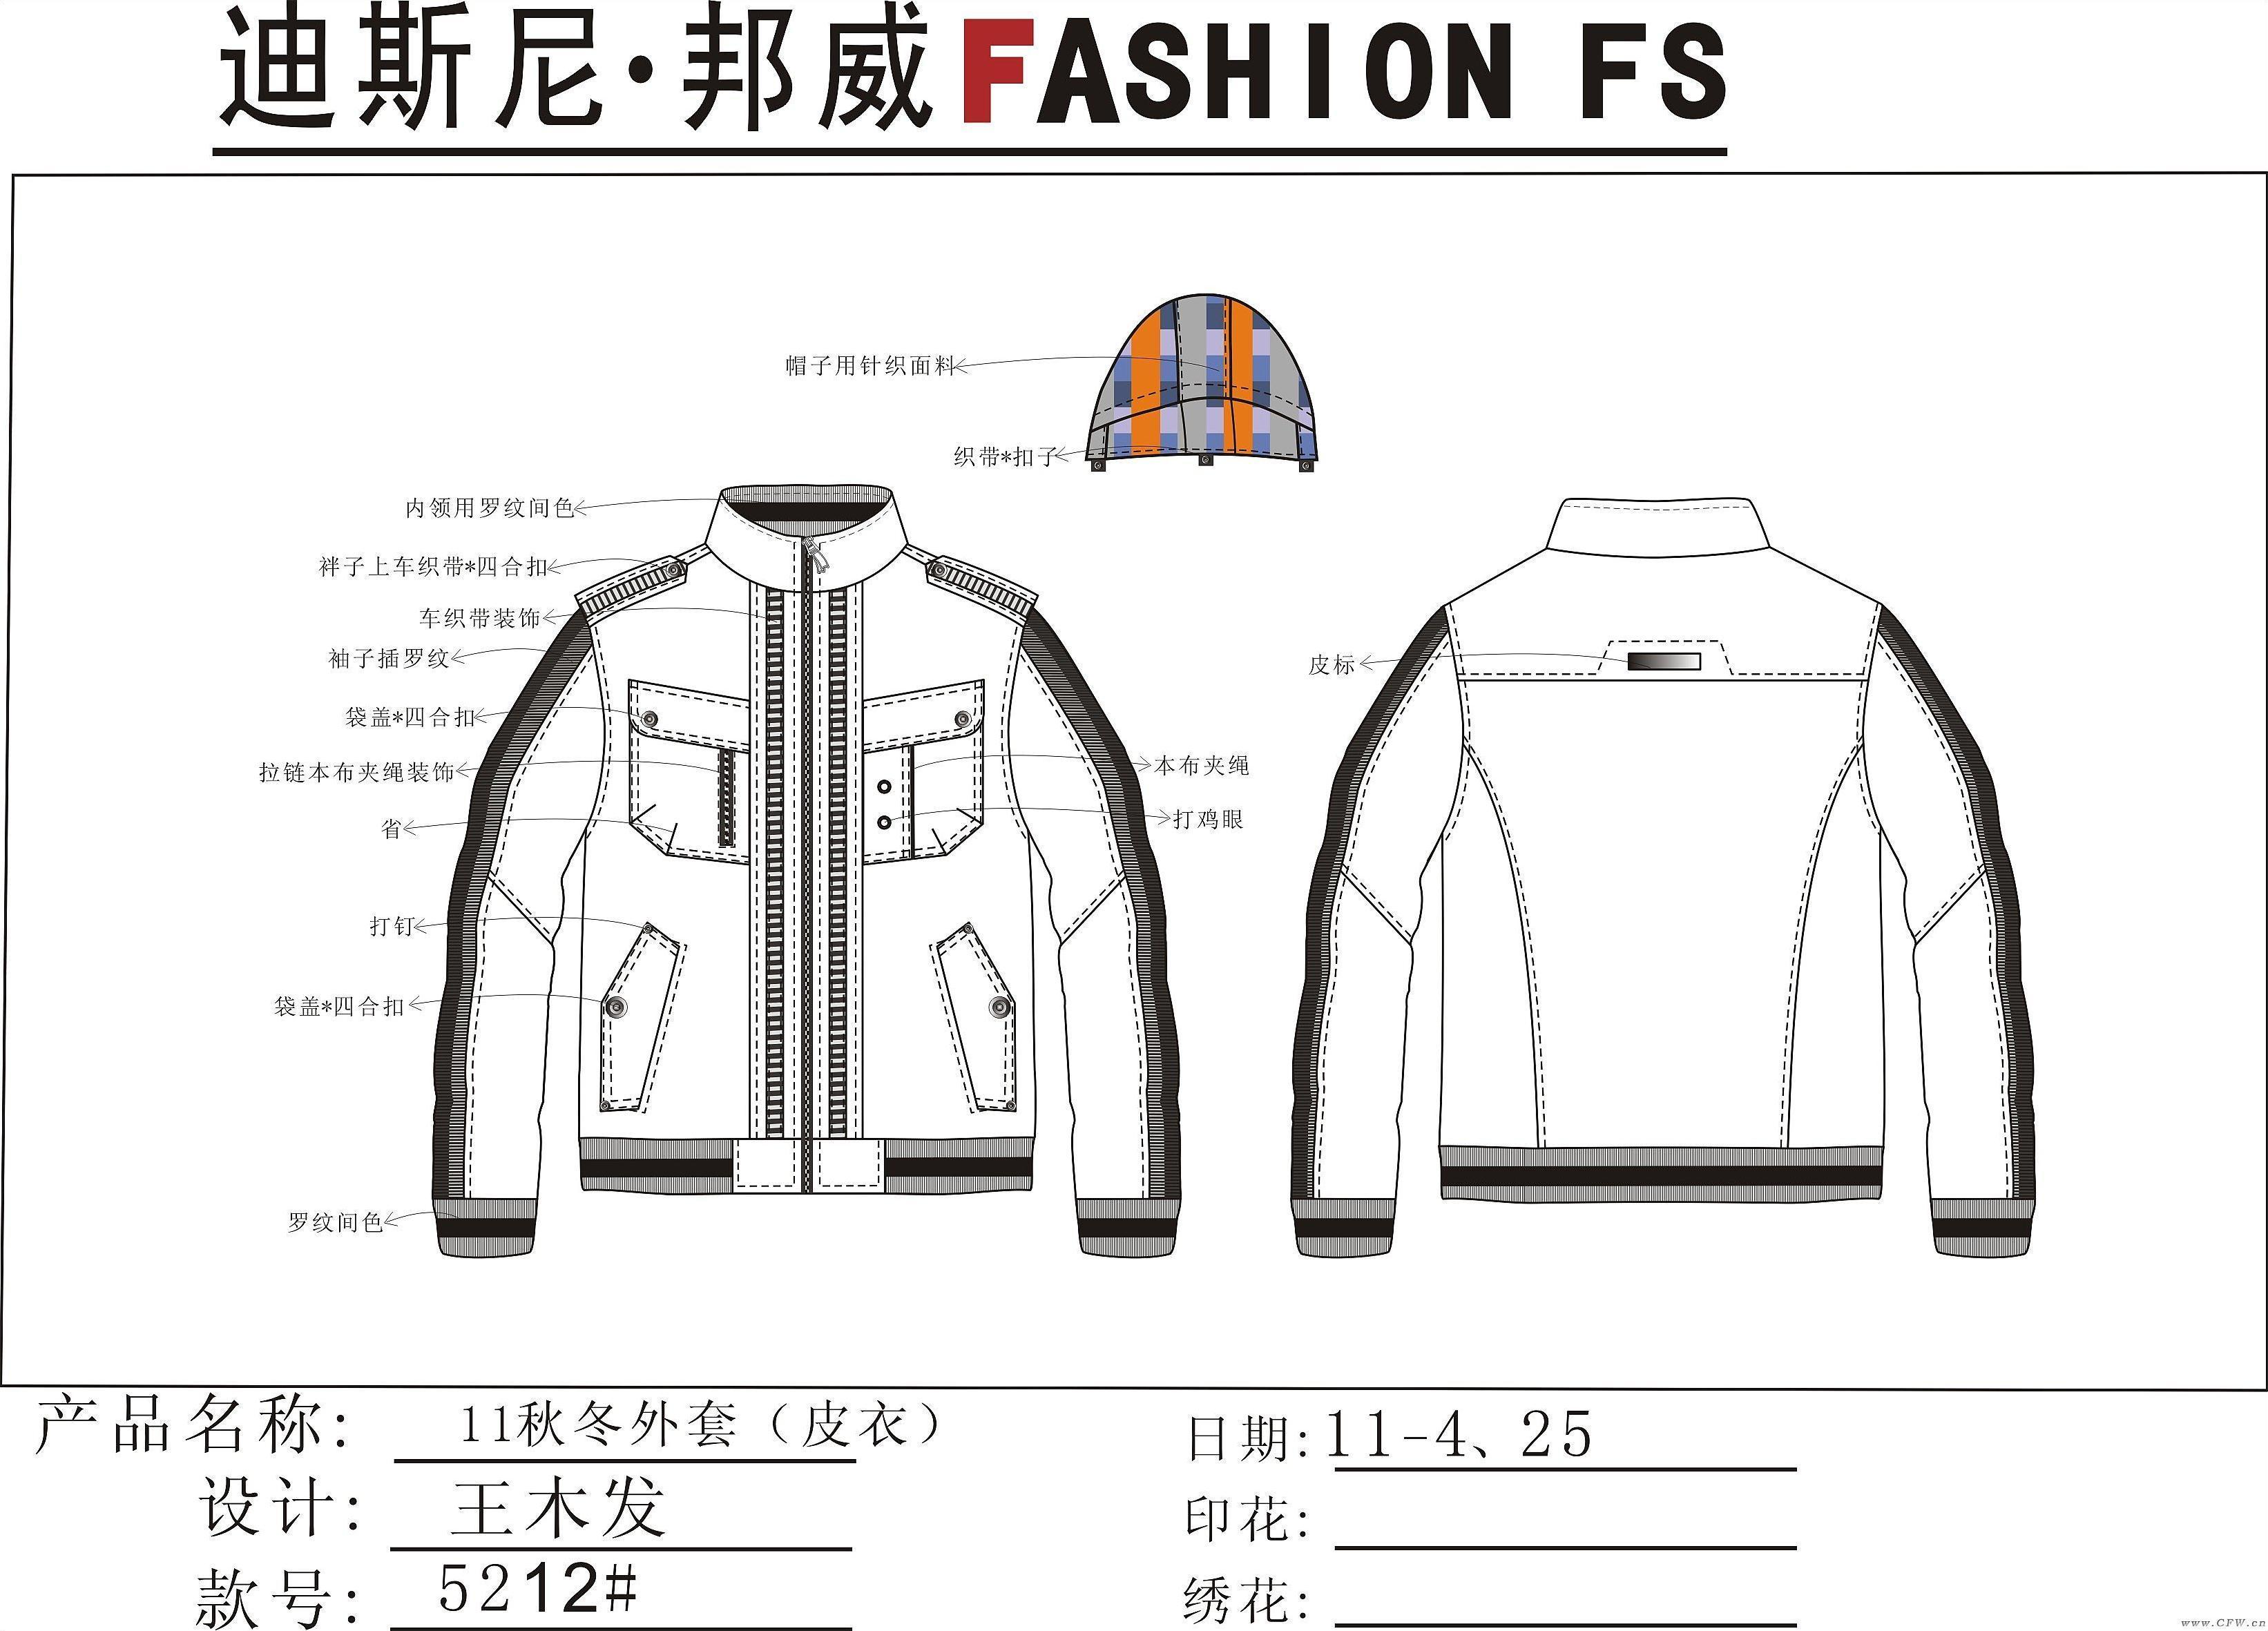 皮衣-男装设计-服装设计